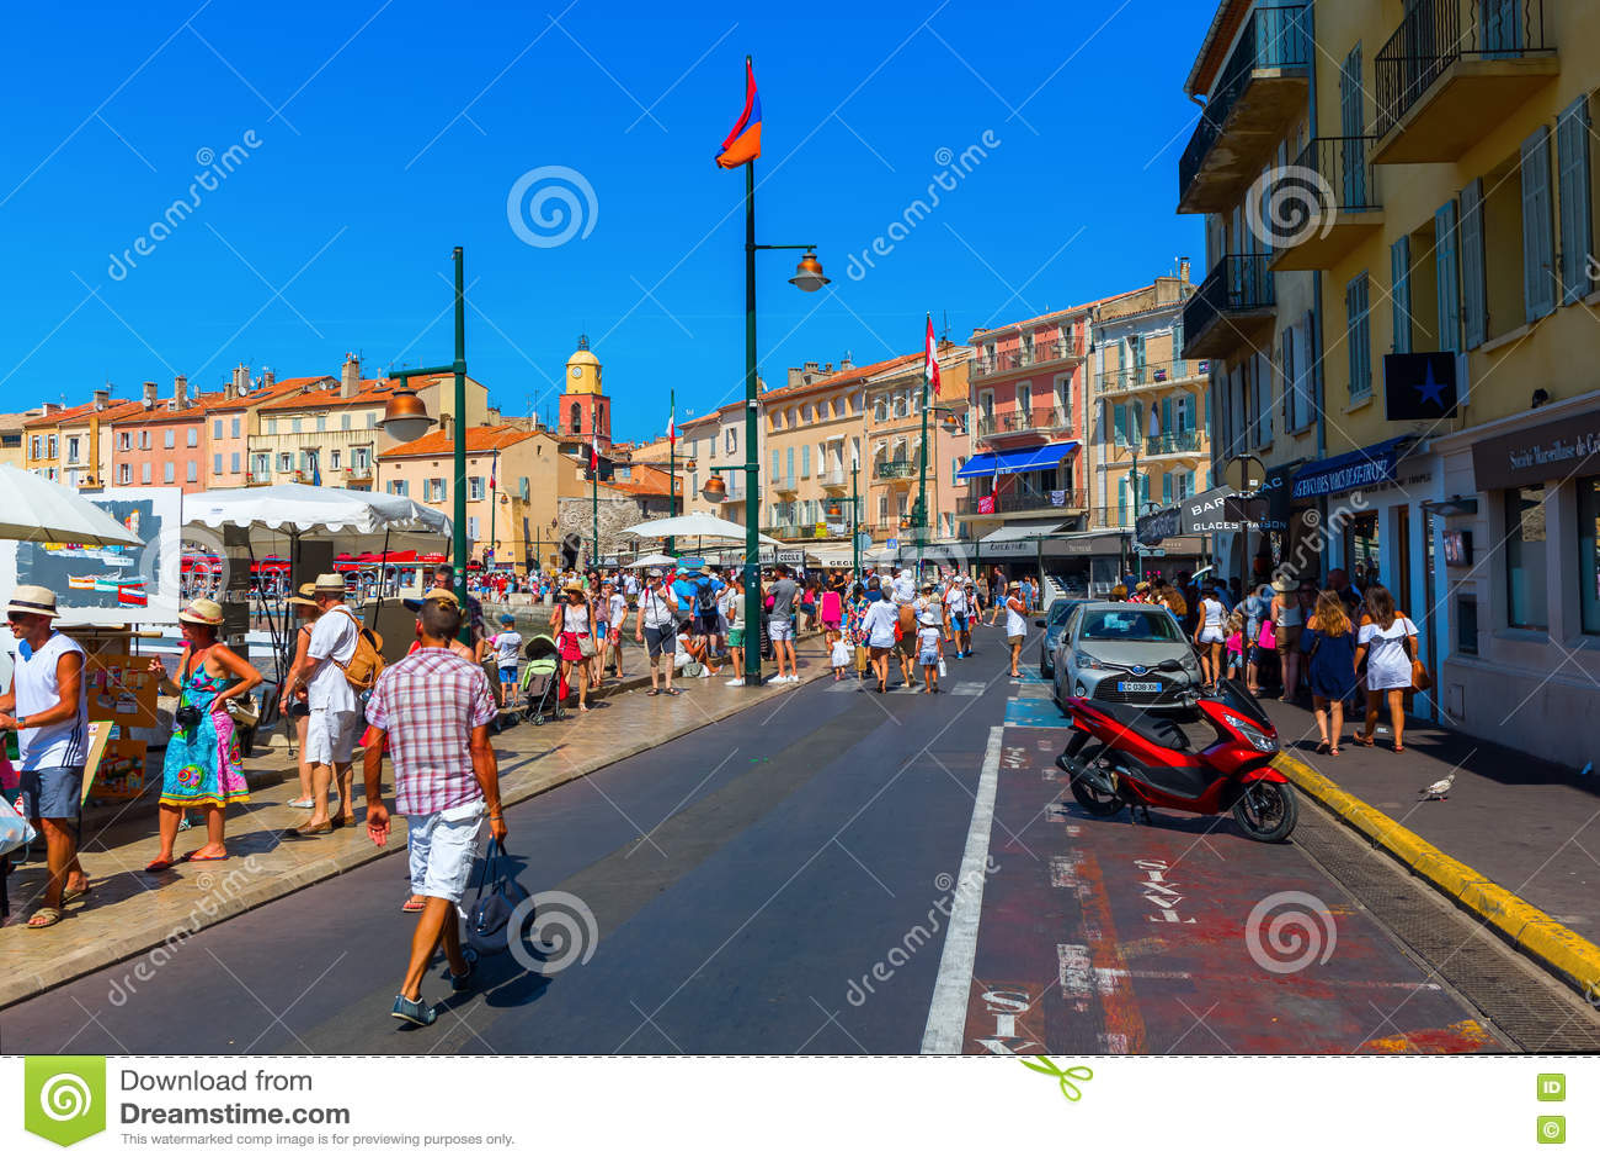 Visión en el puerto de Saint Tropez, Francia